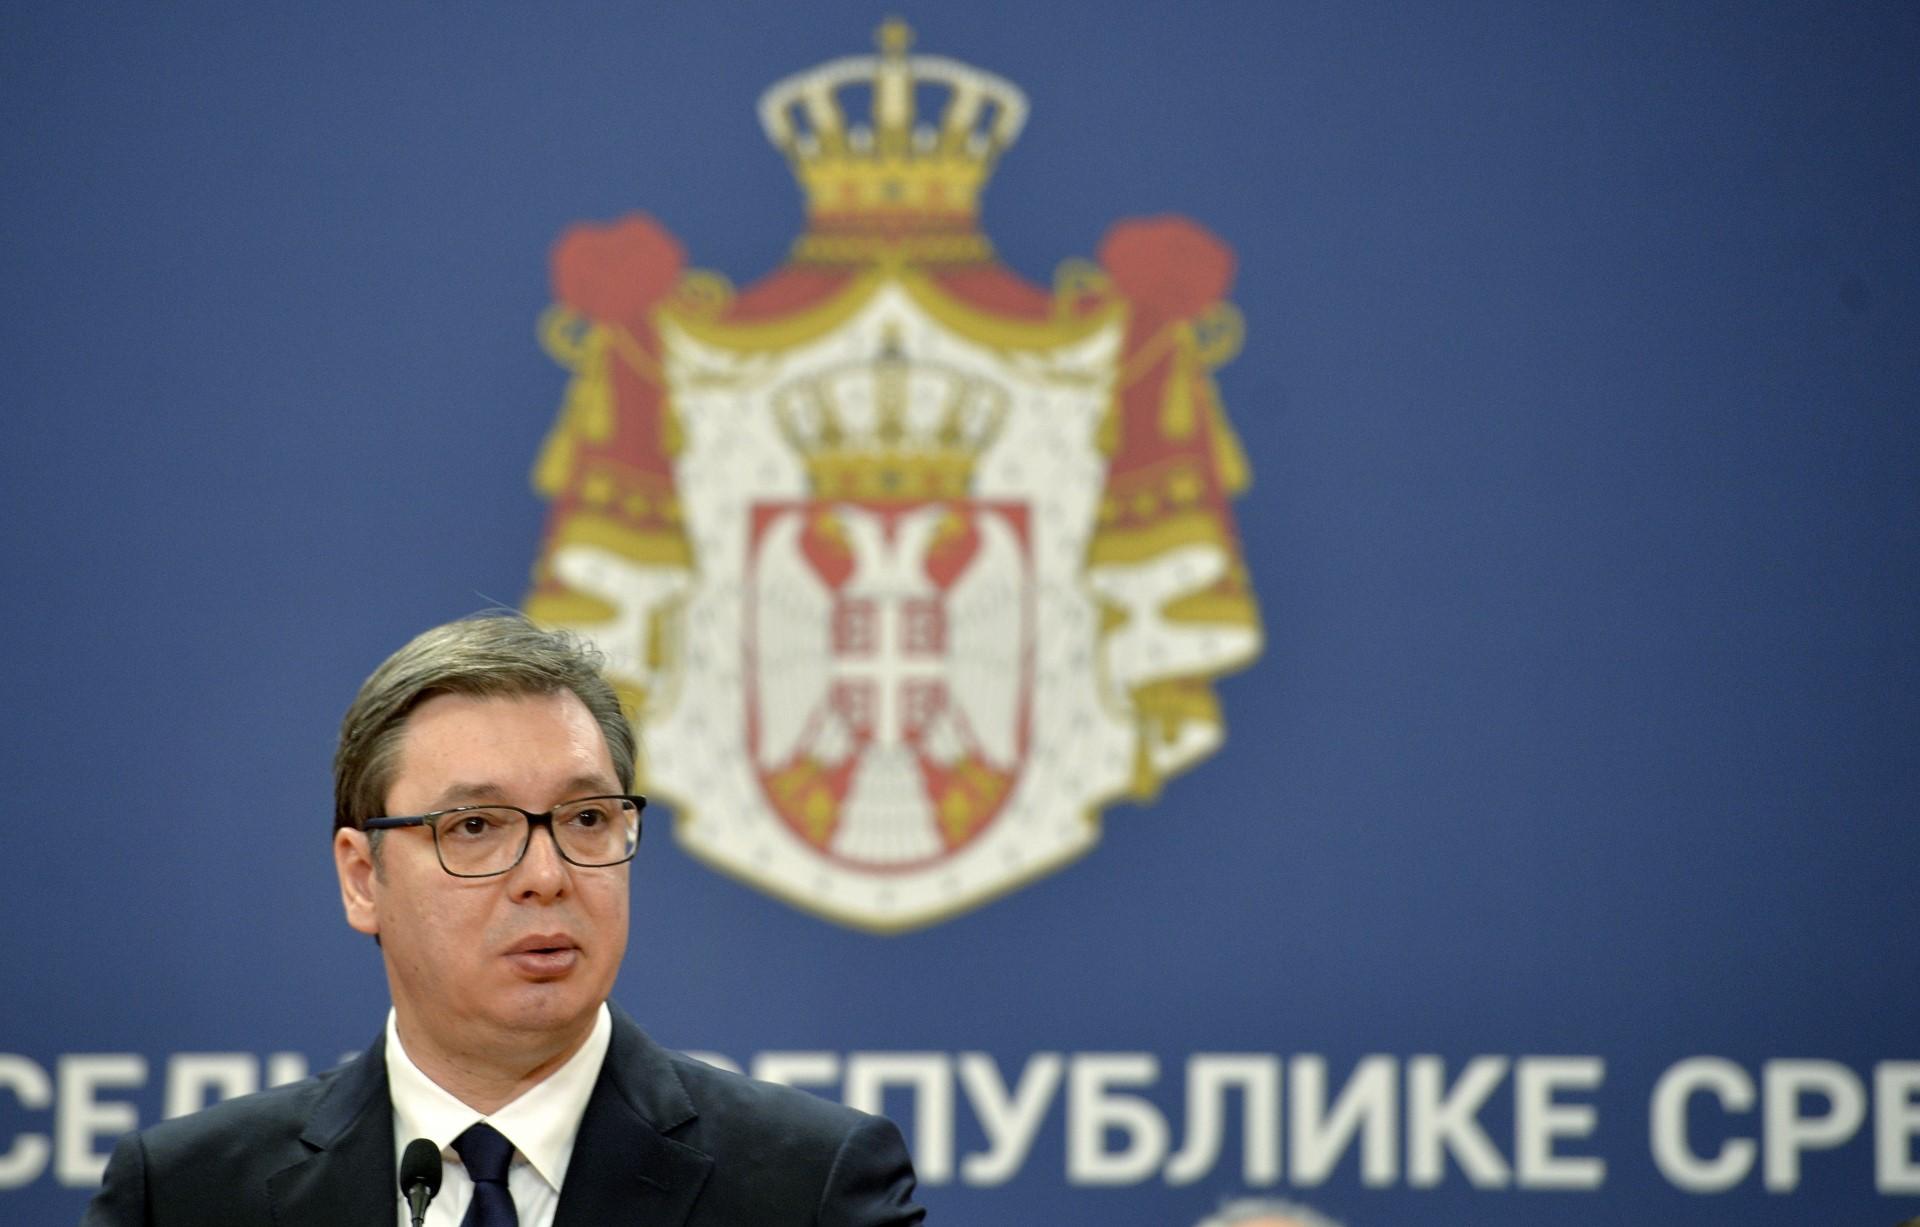 Predsednik Srbije Aleksandar Vucic objavio je vanredno stanje u Palati Srbija.